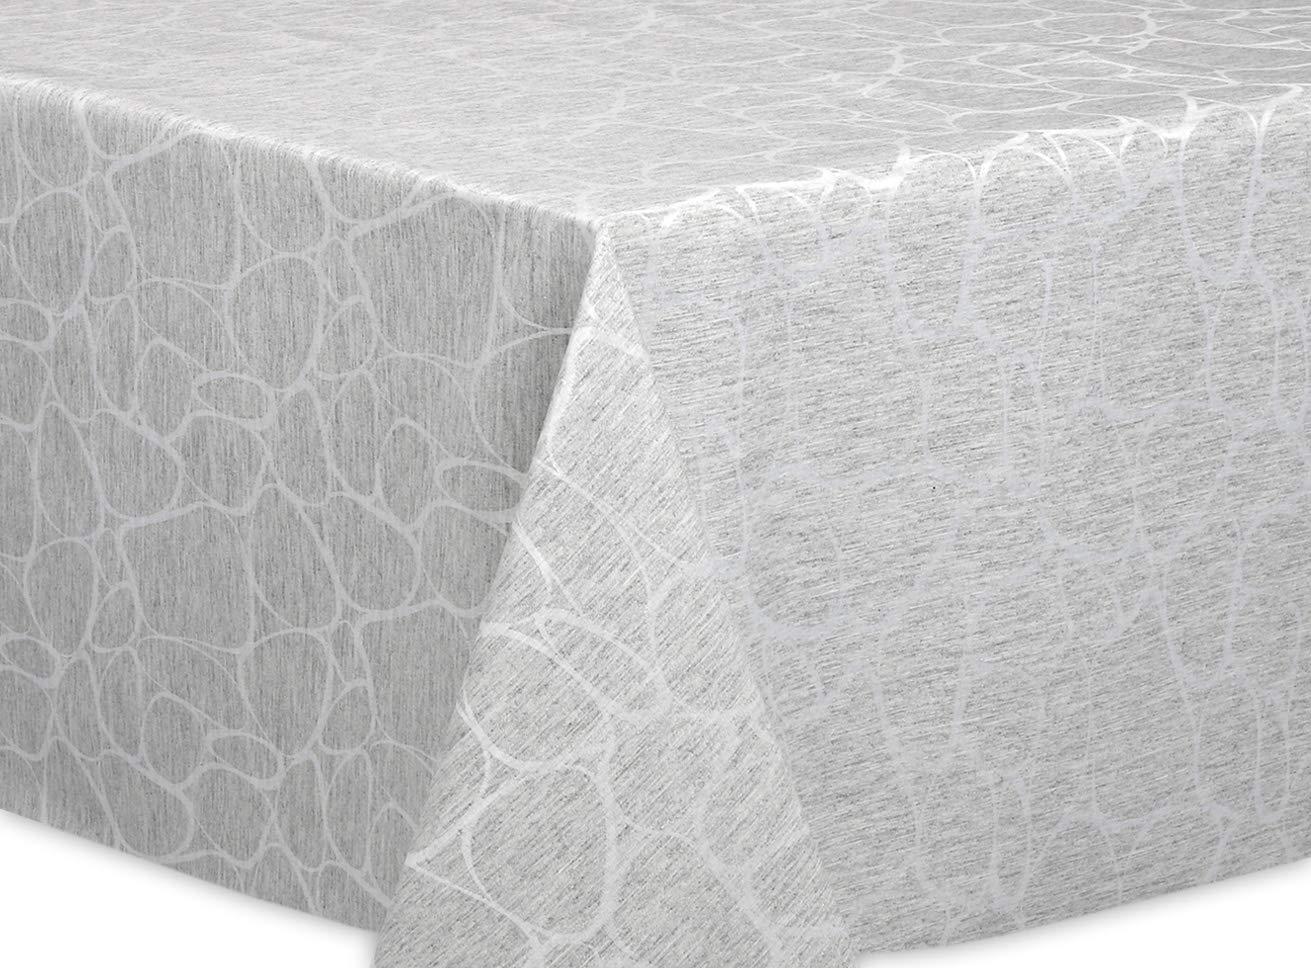 Beautex Jacquard Stoff Tischdecke mit Lotus Effekt abwischbar, Motiv und Größe wählbar, oval 140 x 260 cm, Linado Silbergrau B07J2N1PS8 Tischdecken